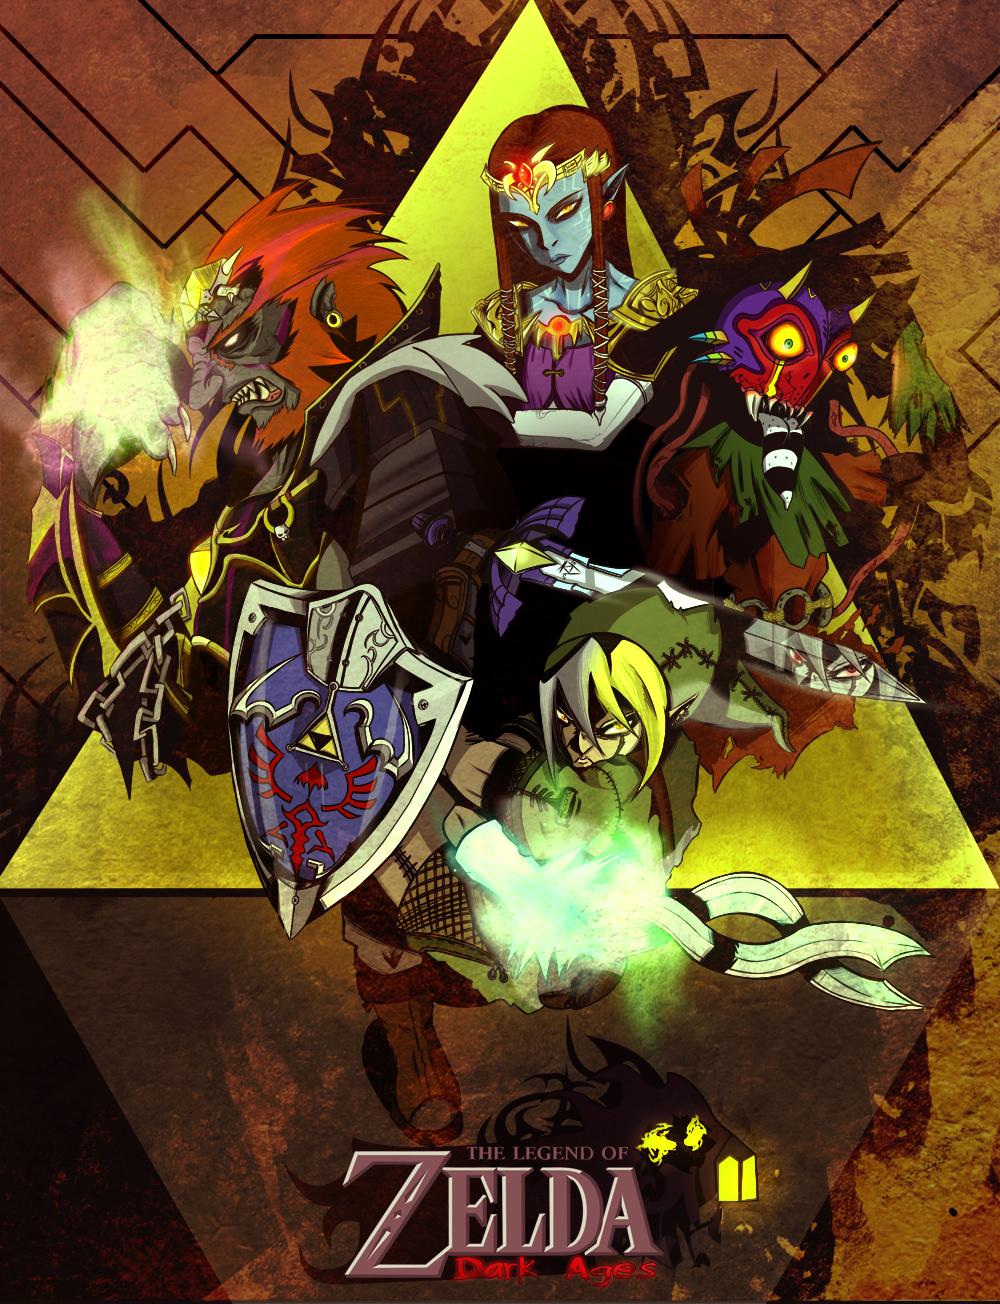 Legend of Zelda: Dark Ages